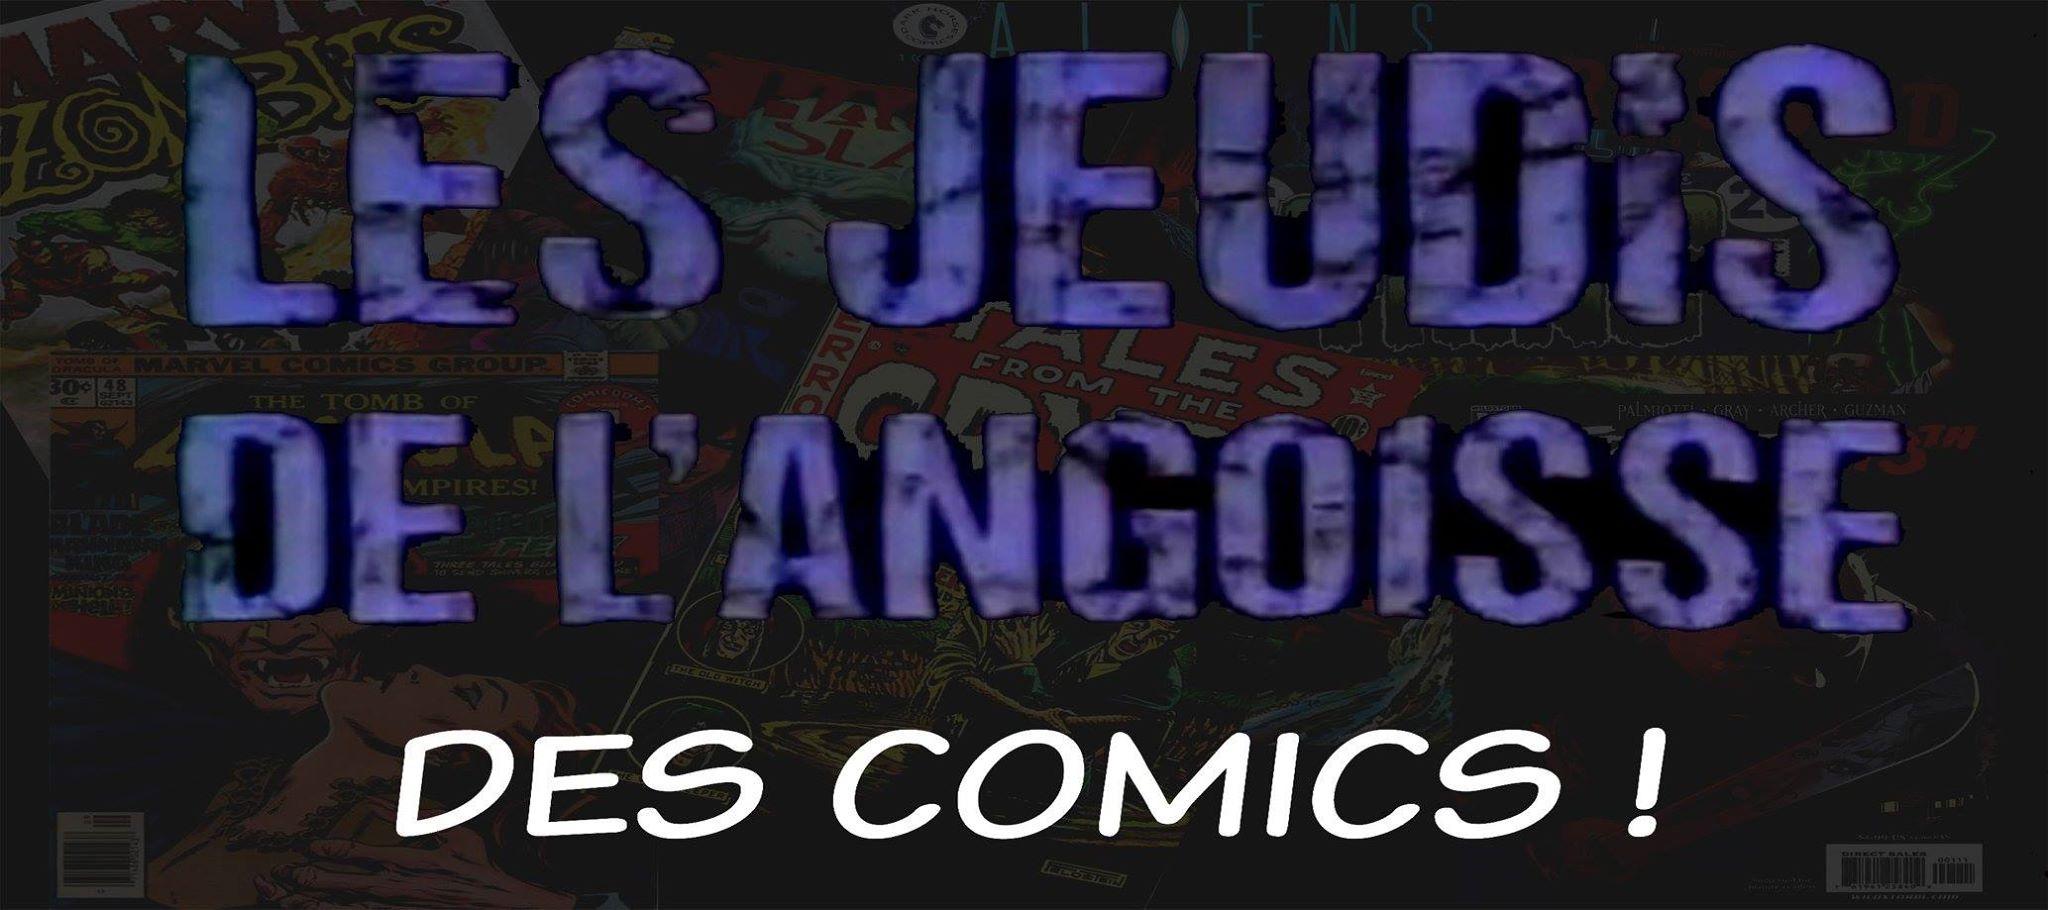 L'angoissedes De Comics14 De L'angoissedes Jeudis Comics14 Les Jeudis Les Jeudis De Les L'angoissedes MSUzGqpV